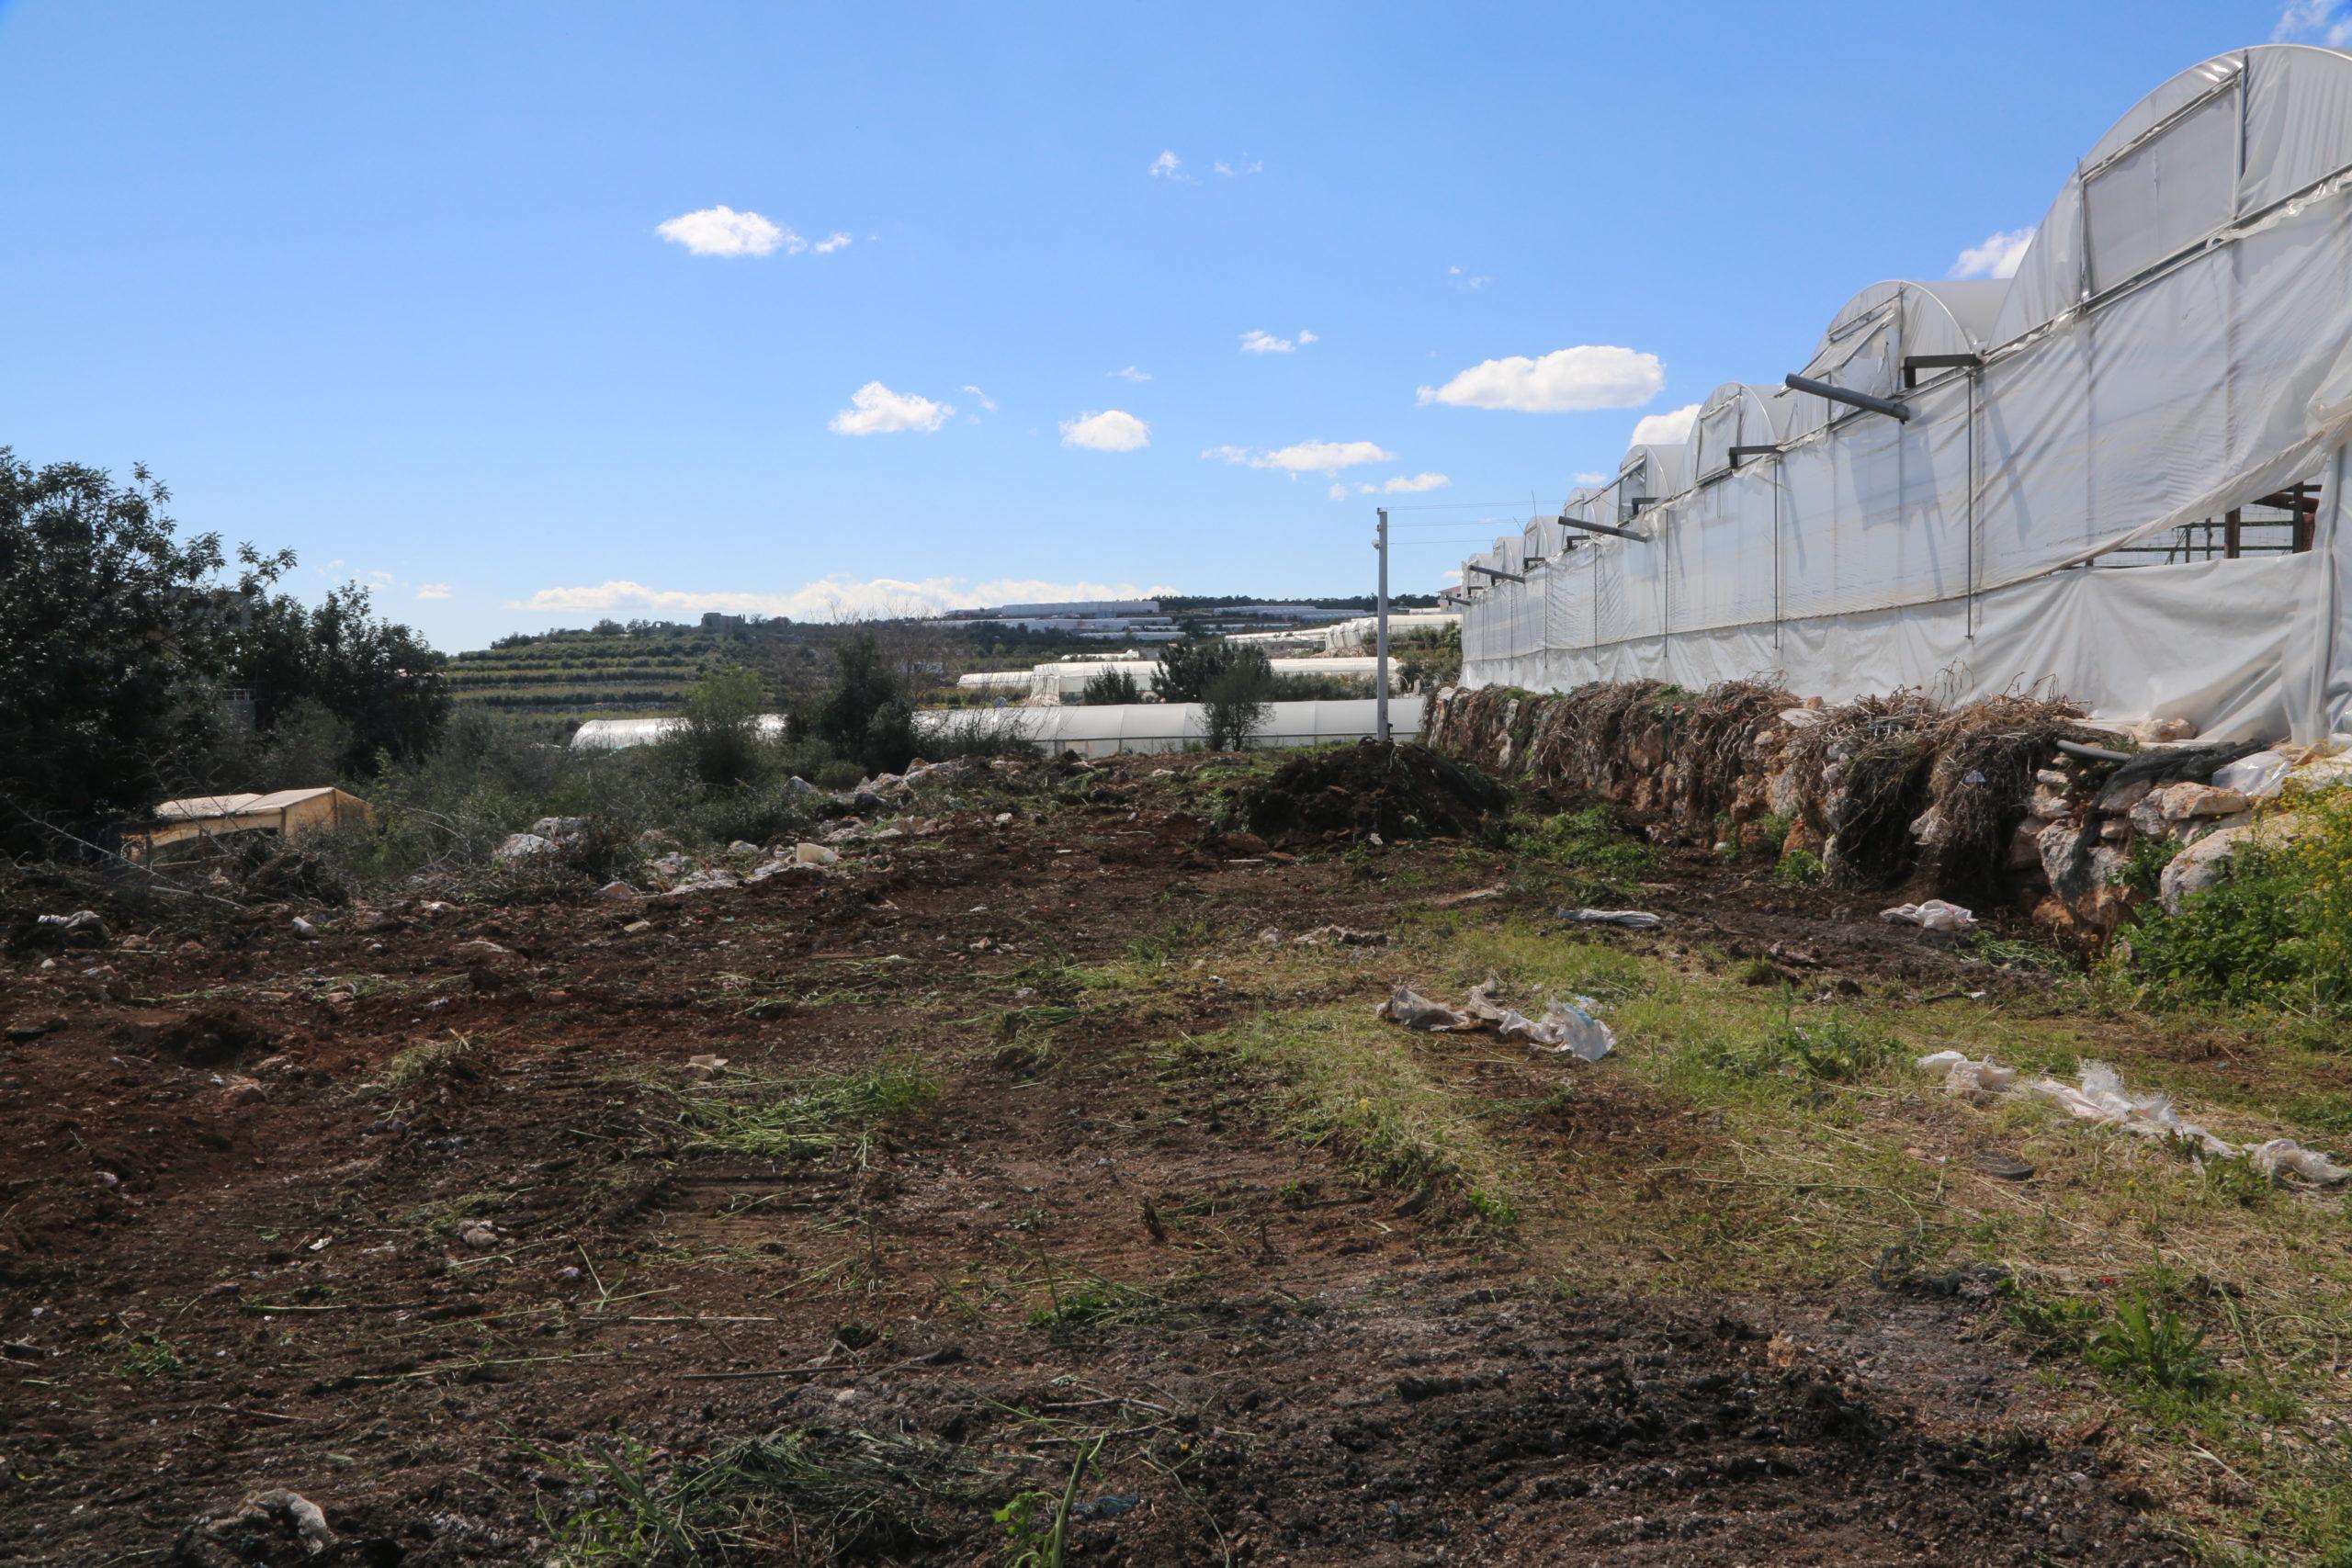 Erdemli 'de Üreticinin Önündeki Engeller Kalkıyor